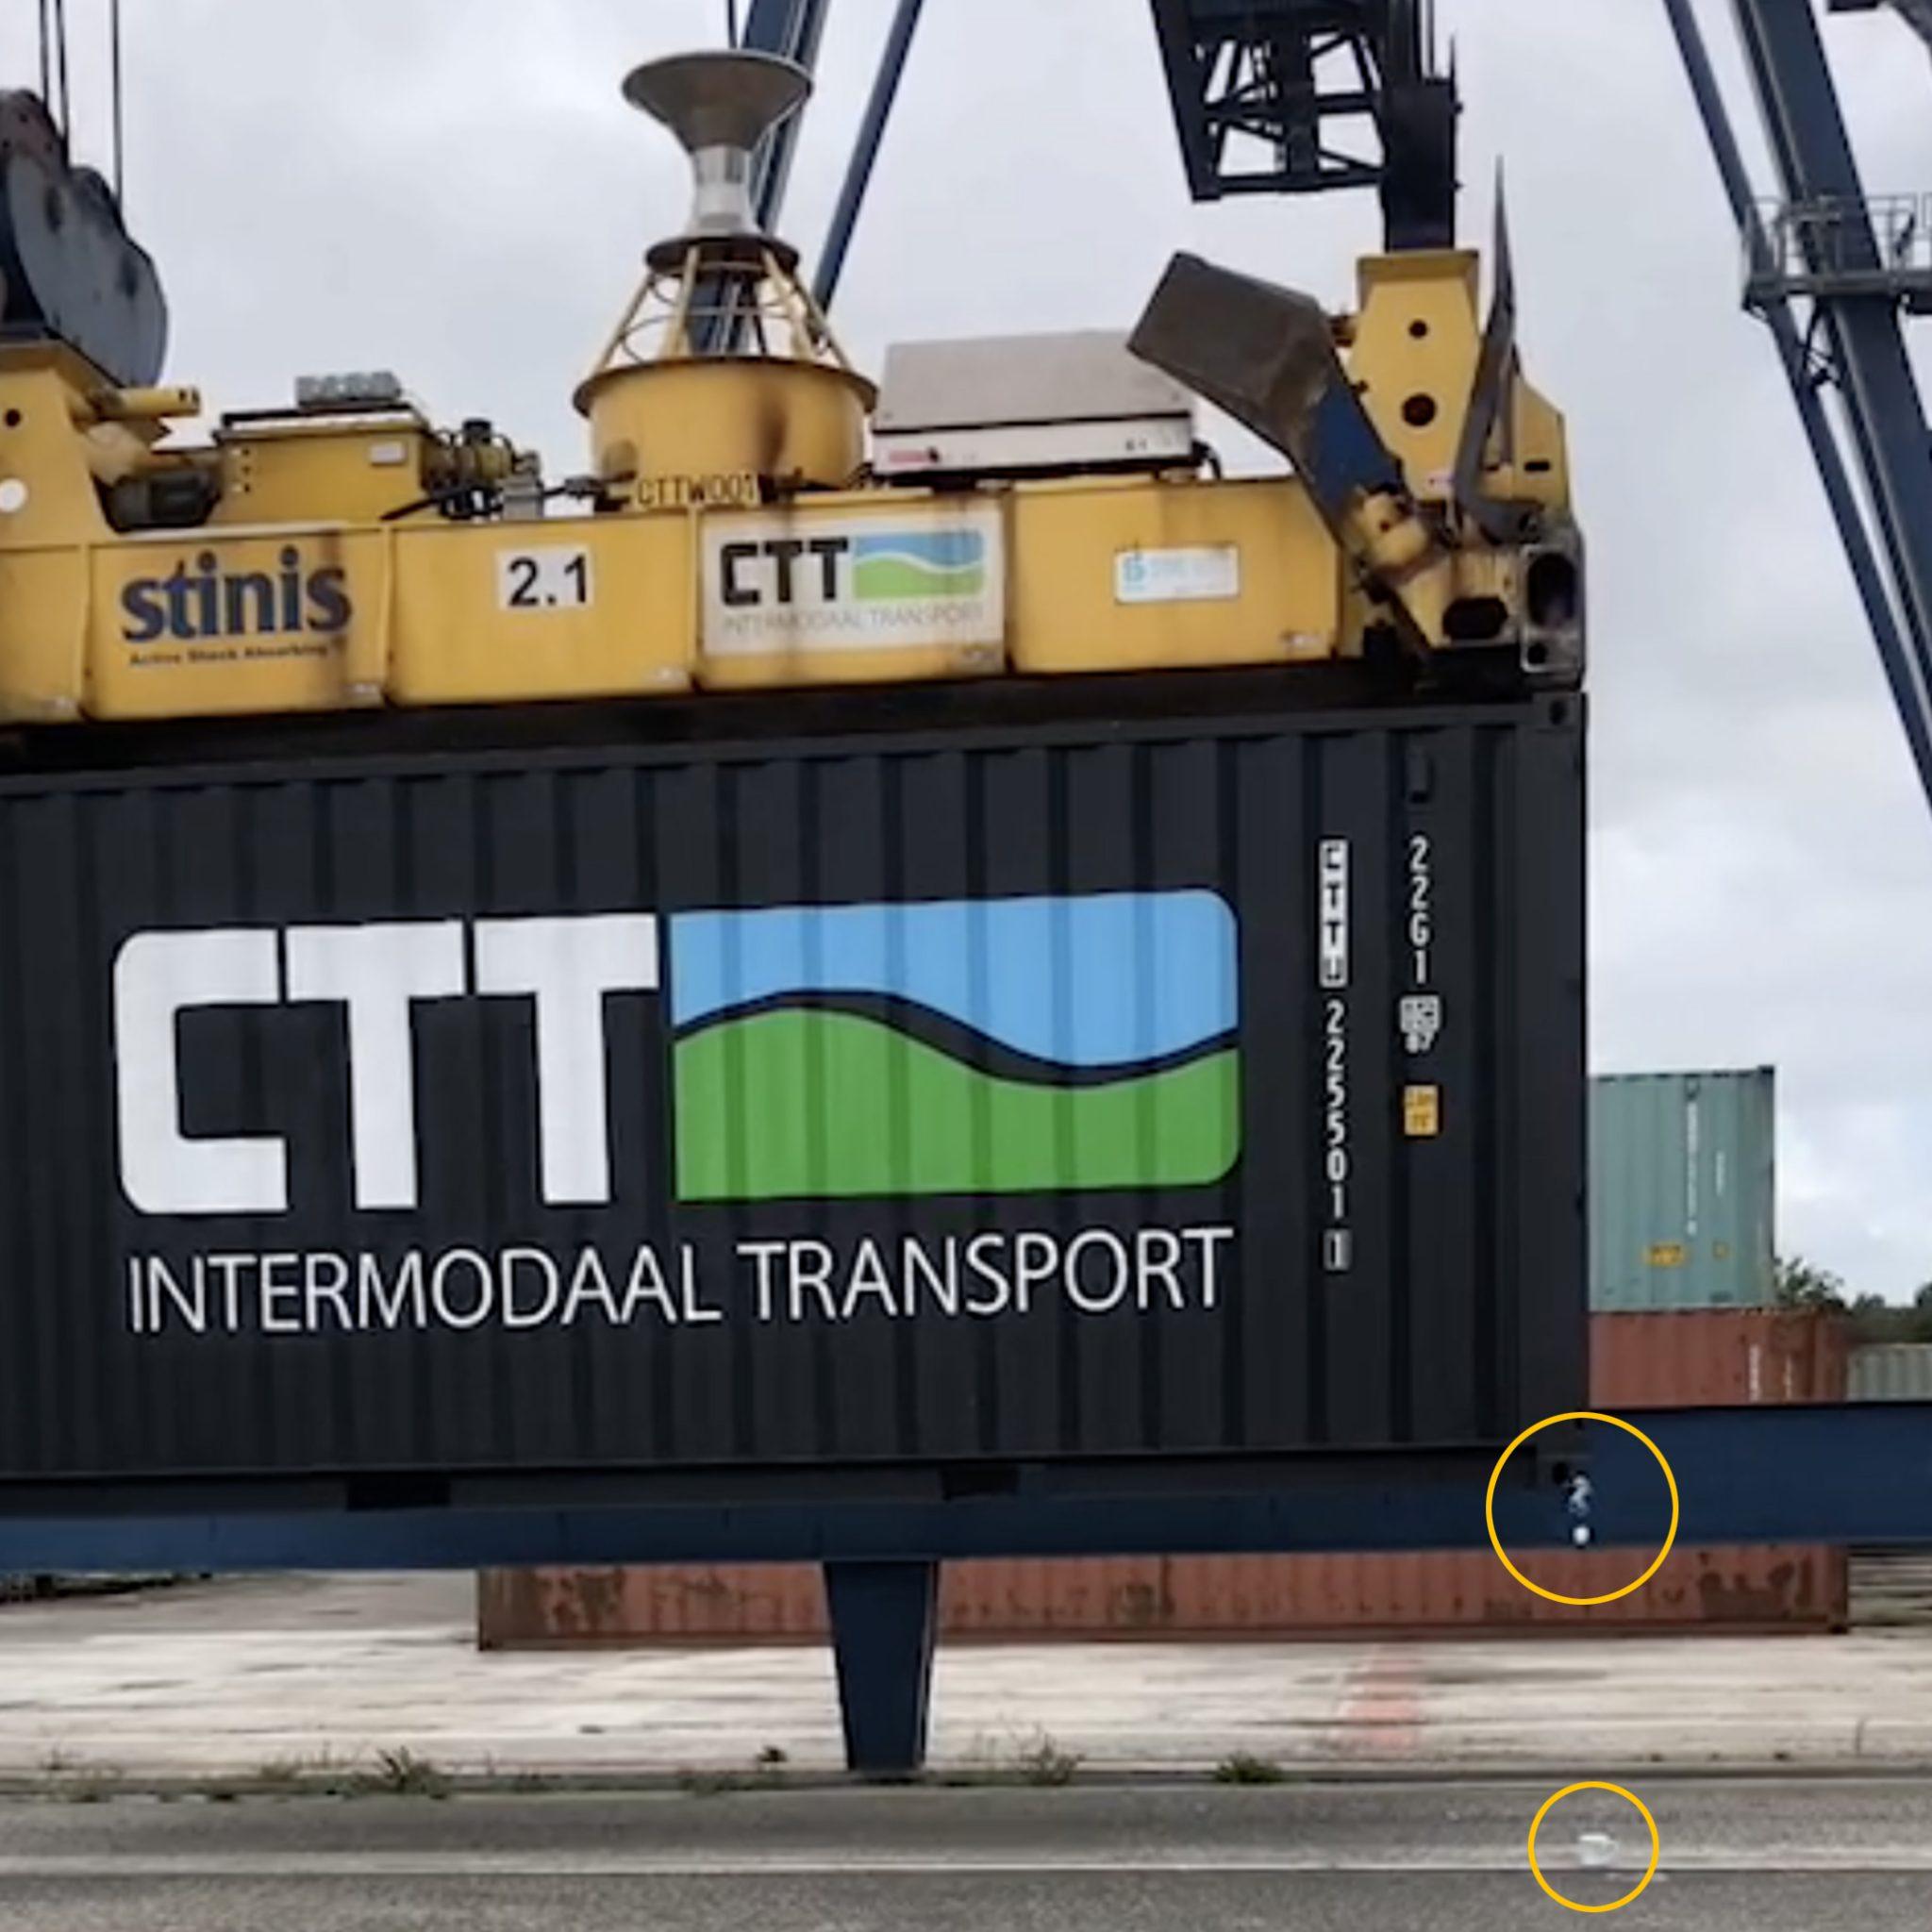 Met grote precisie laat kraanmachinist Patrick Wessels van Combi Terminal Twente zijn theezakje in het glas zakken. (Foto CTT)